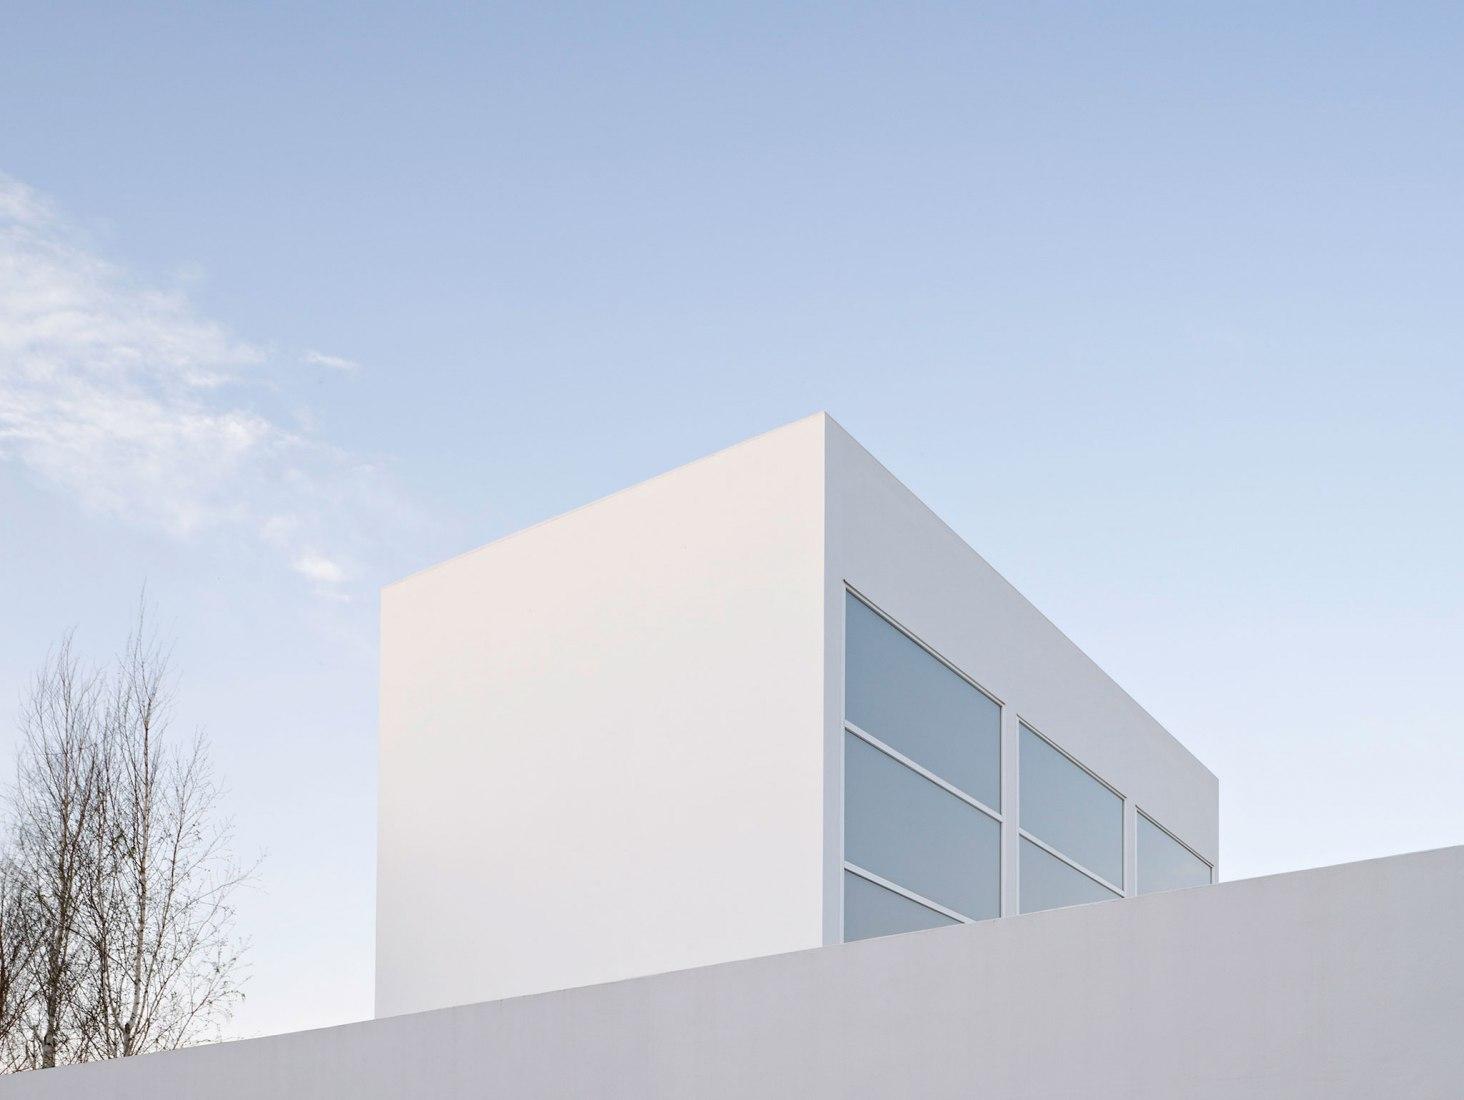 Casa Moliner por Alberto Campo Baeza. Fotografía por Javier Callejas